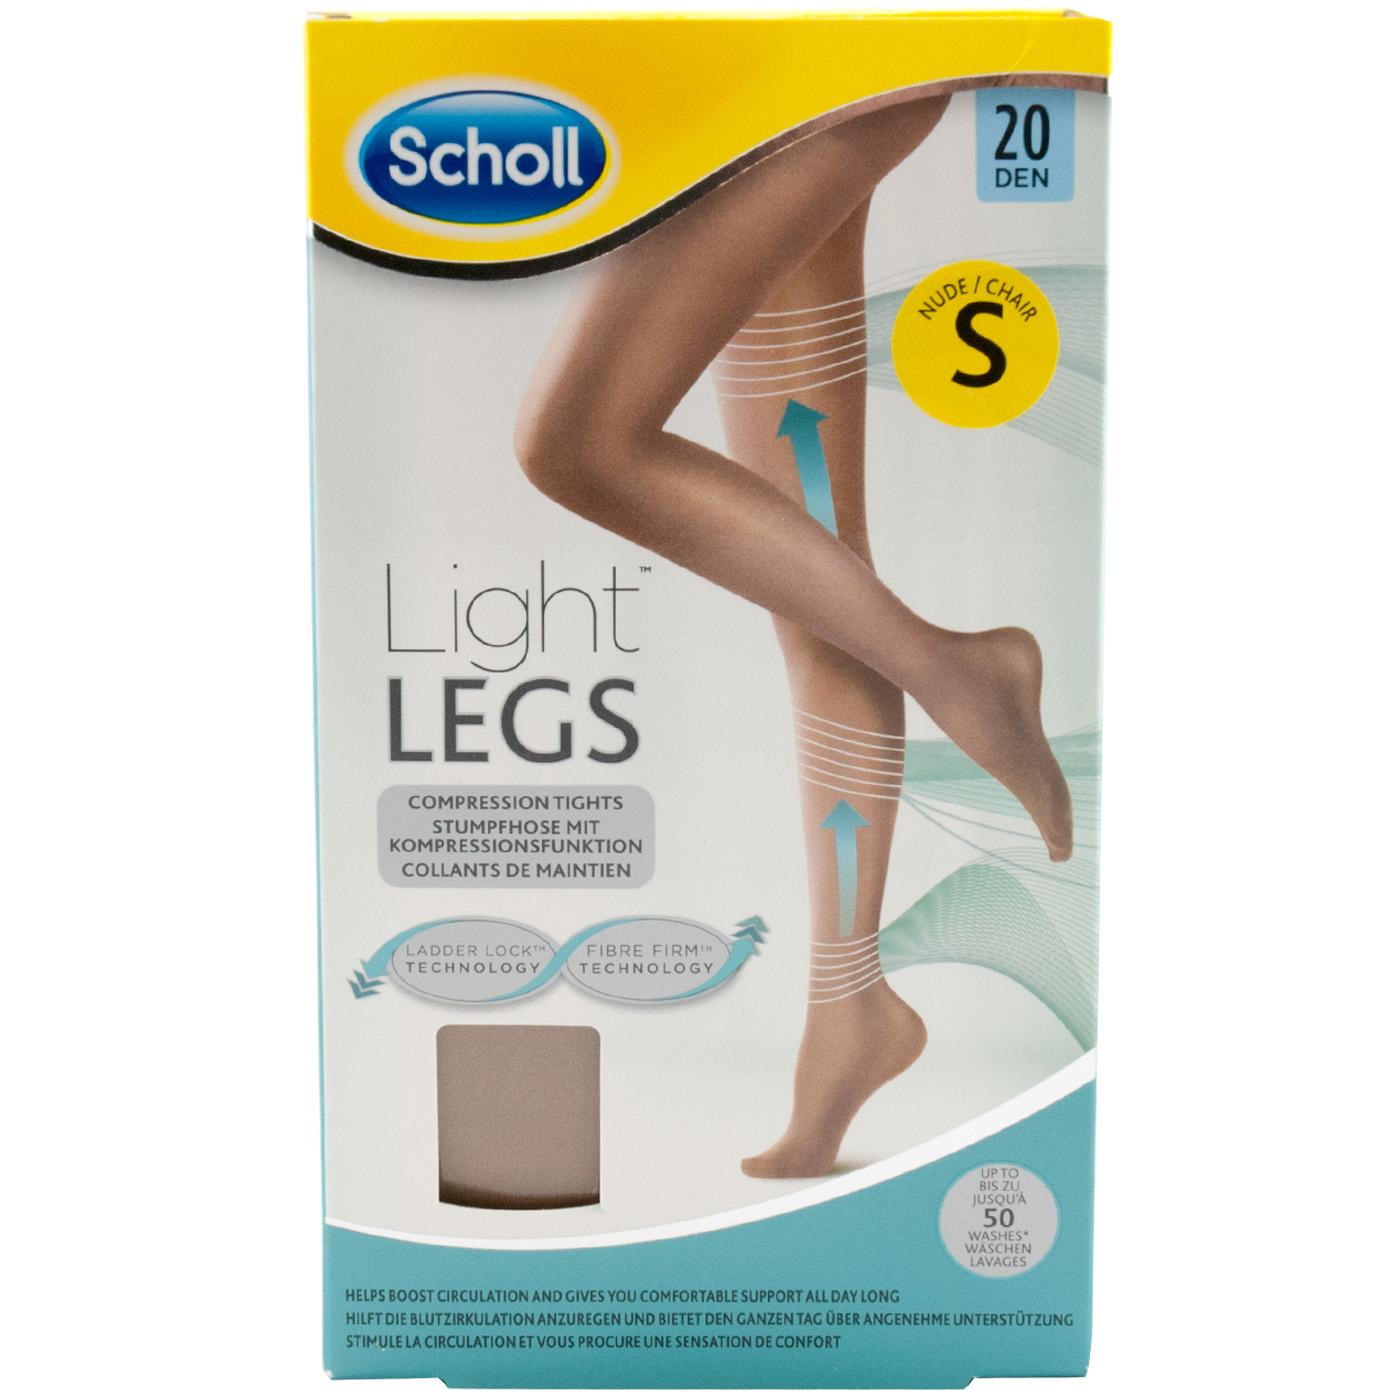 Indexbild 3 - Scholl LIGHT LEGS Strumphose mit Kompression Nude - Black 20,60 DEN Größe S